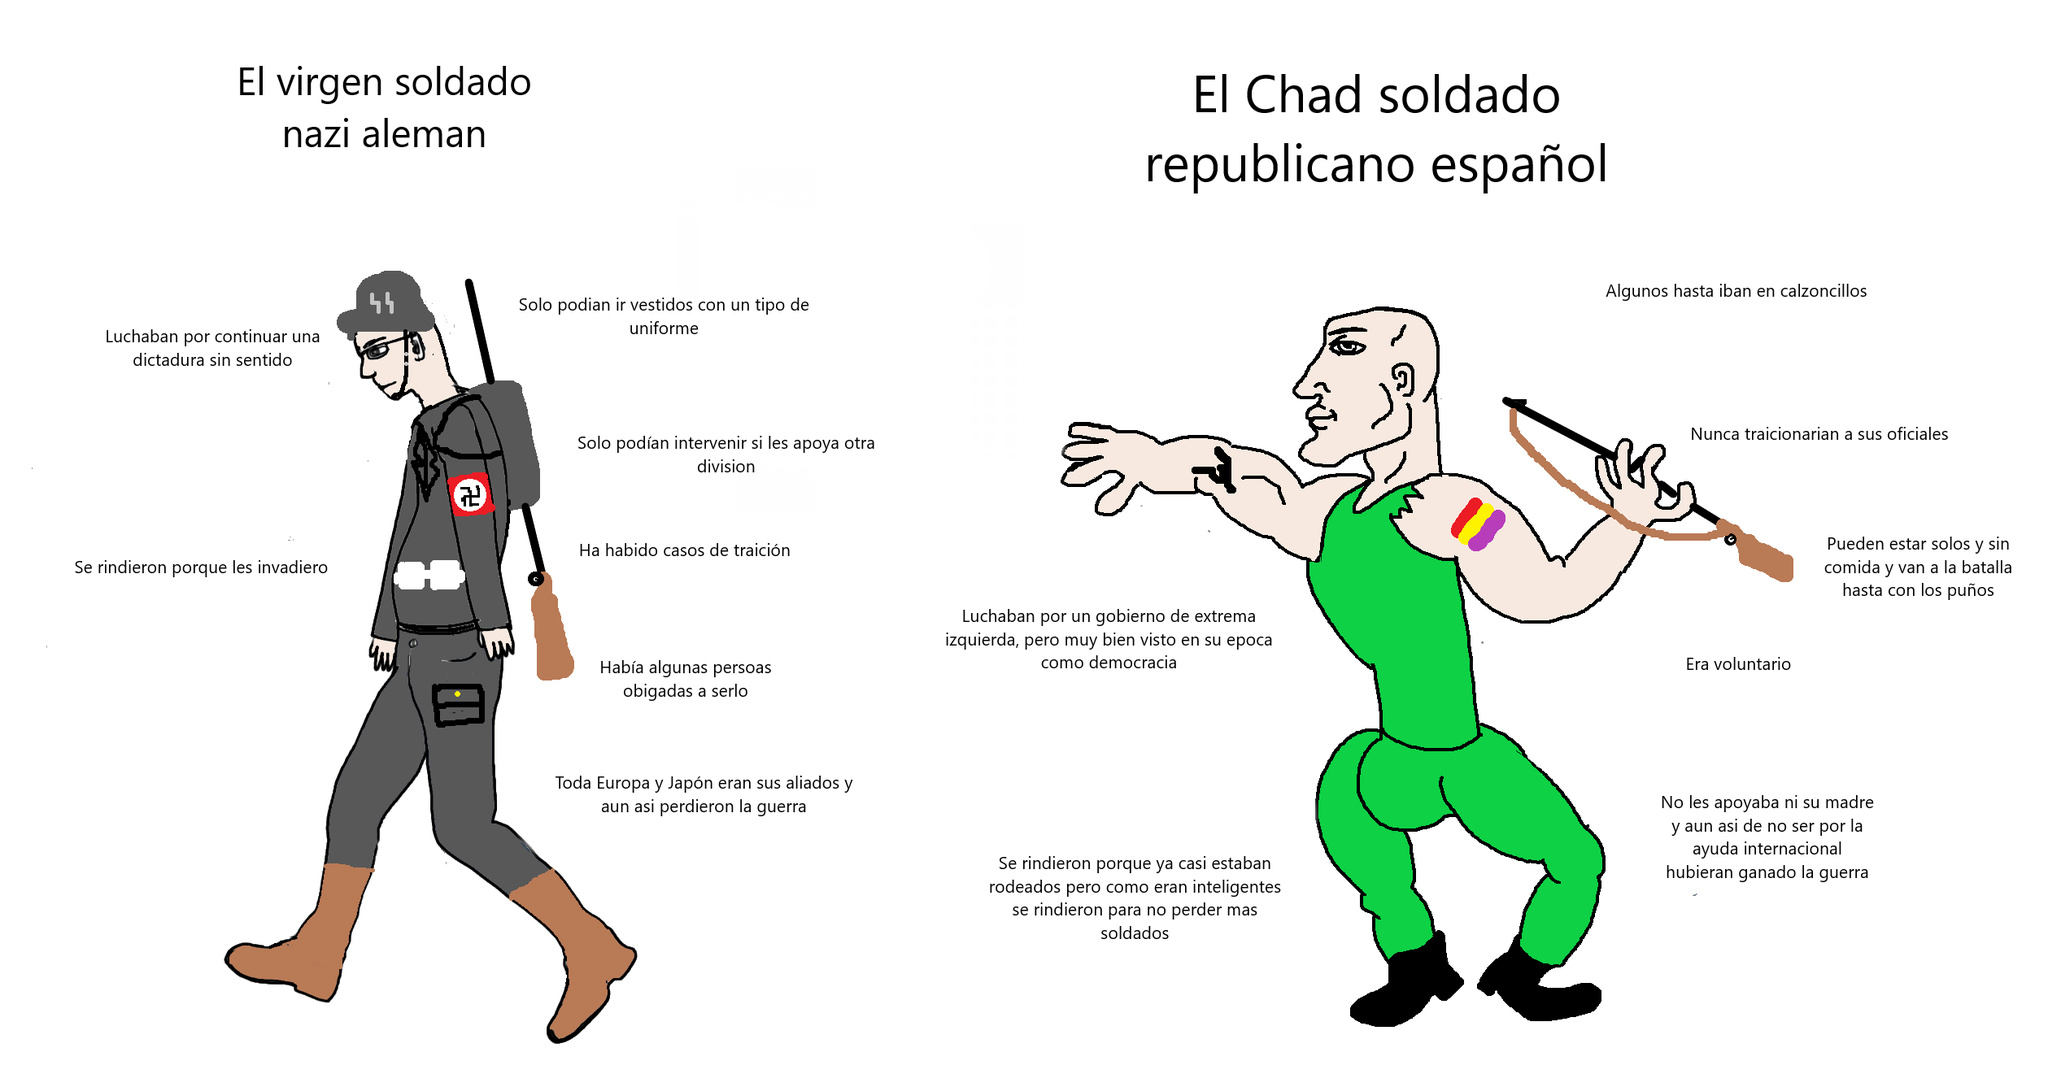 Equisdé - meme